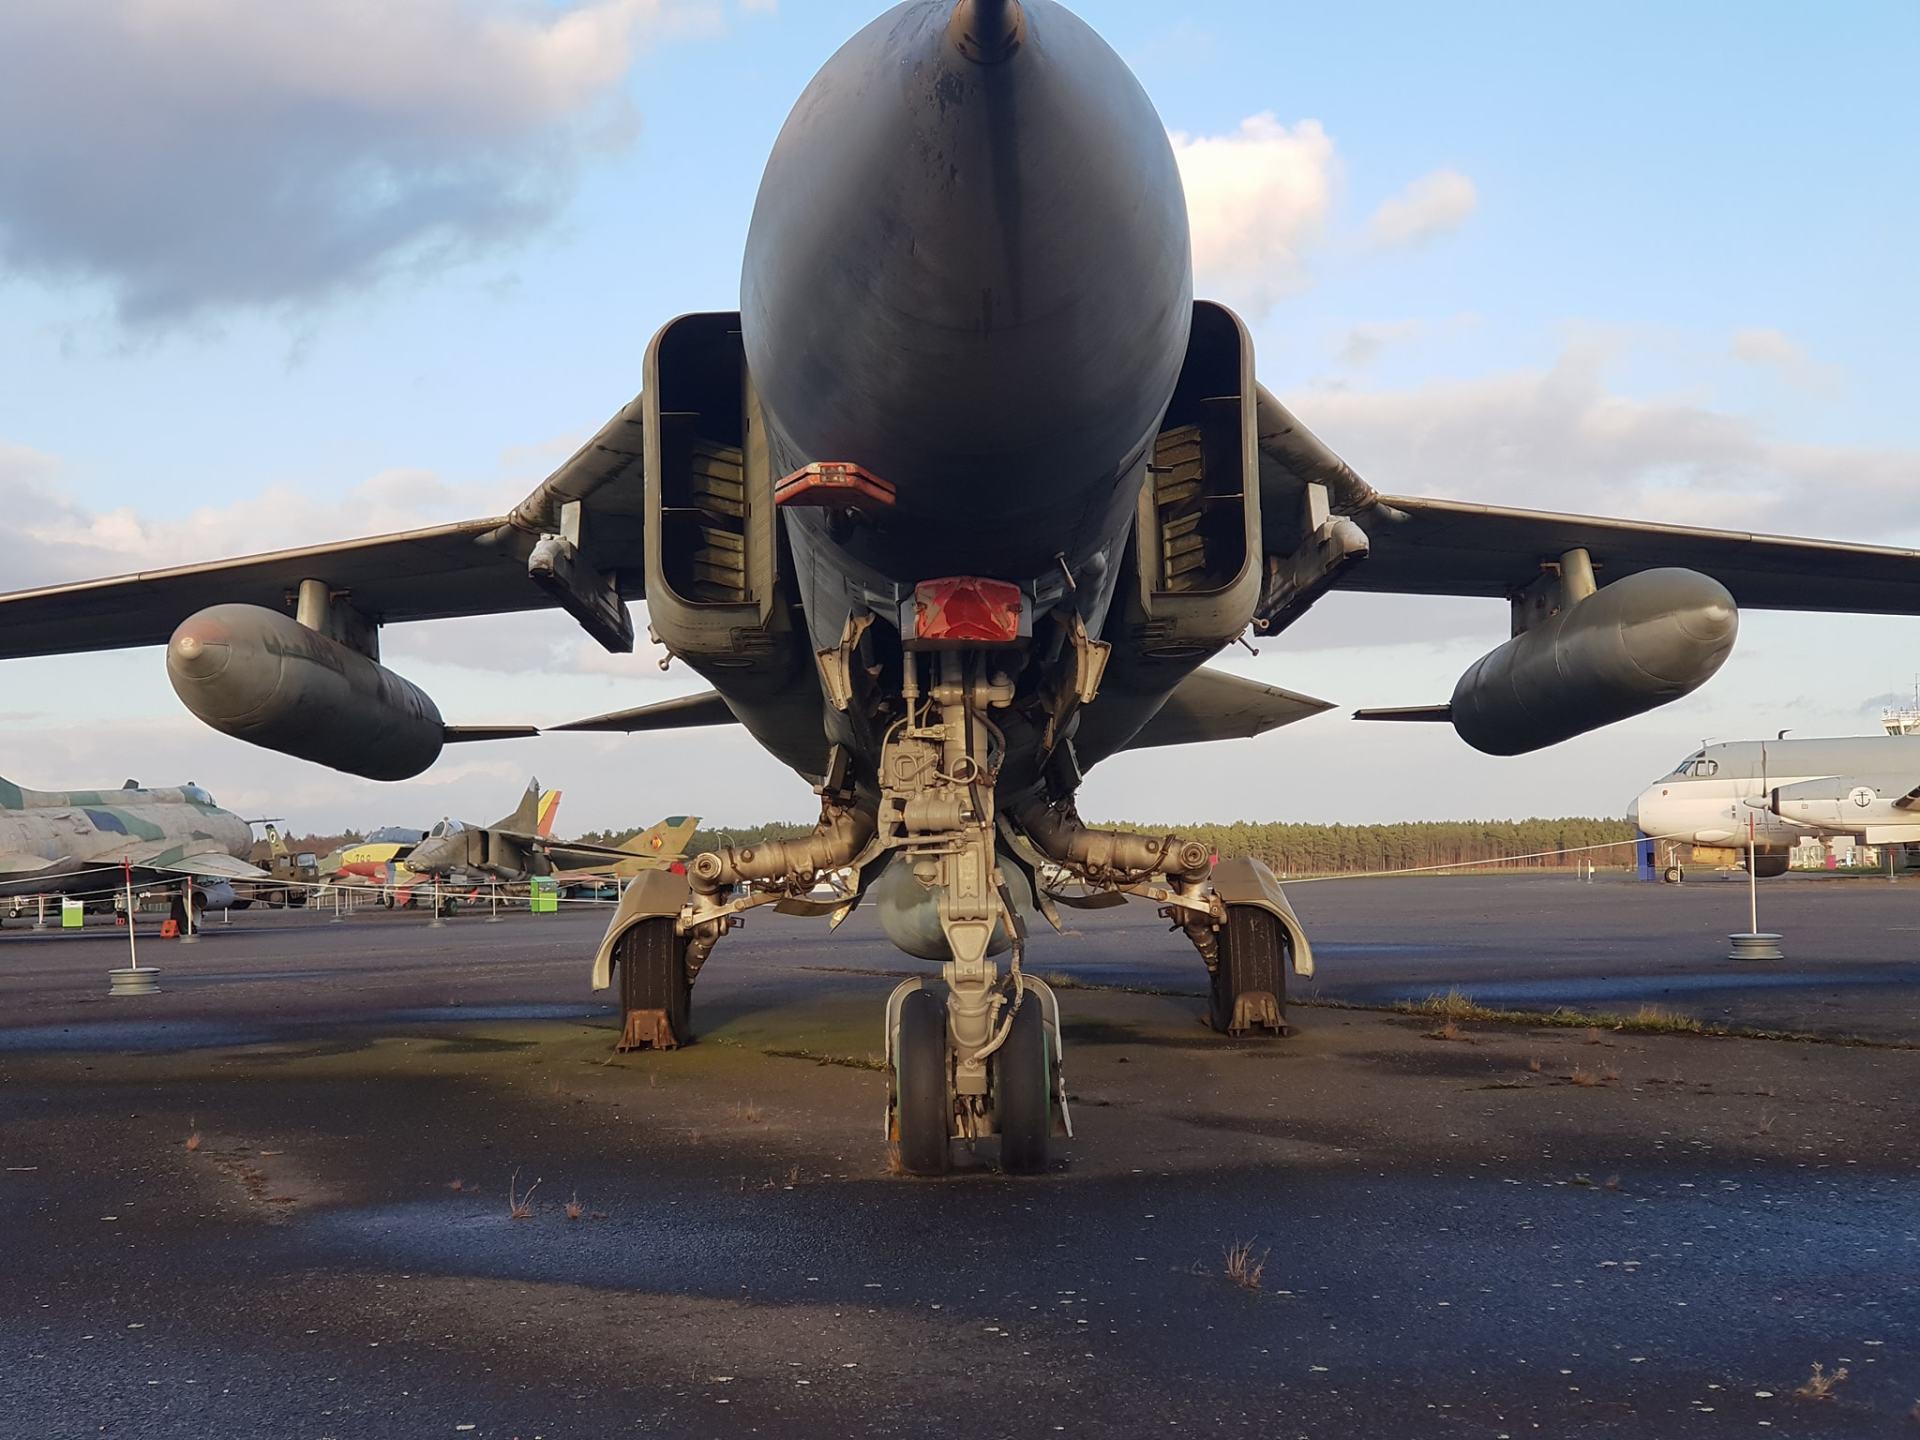 מטוס קרב שמוצג על מסלול ההמראה מוזיאון. צילום: אייל נחשון